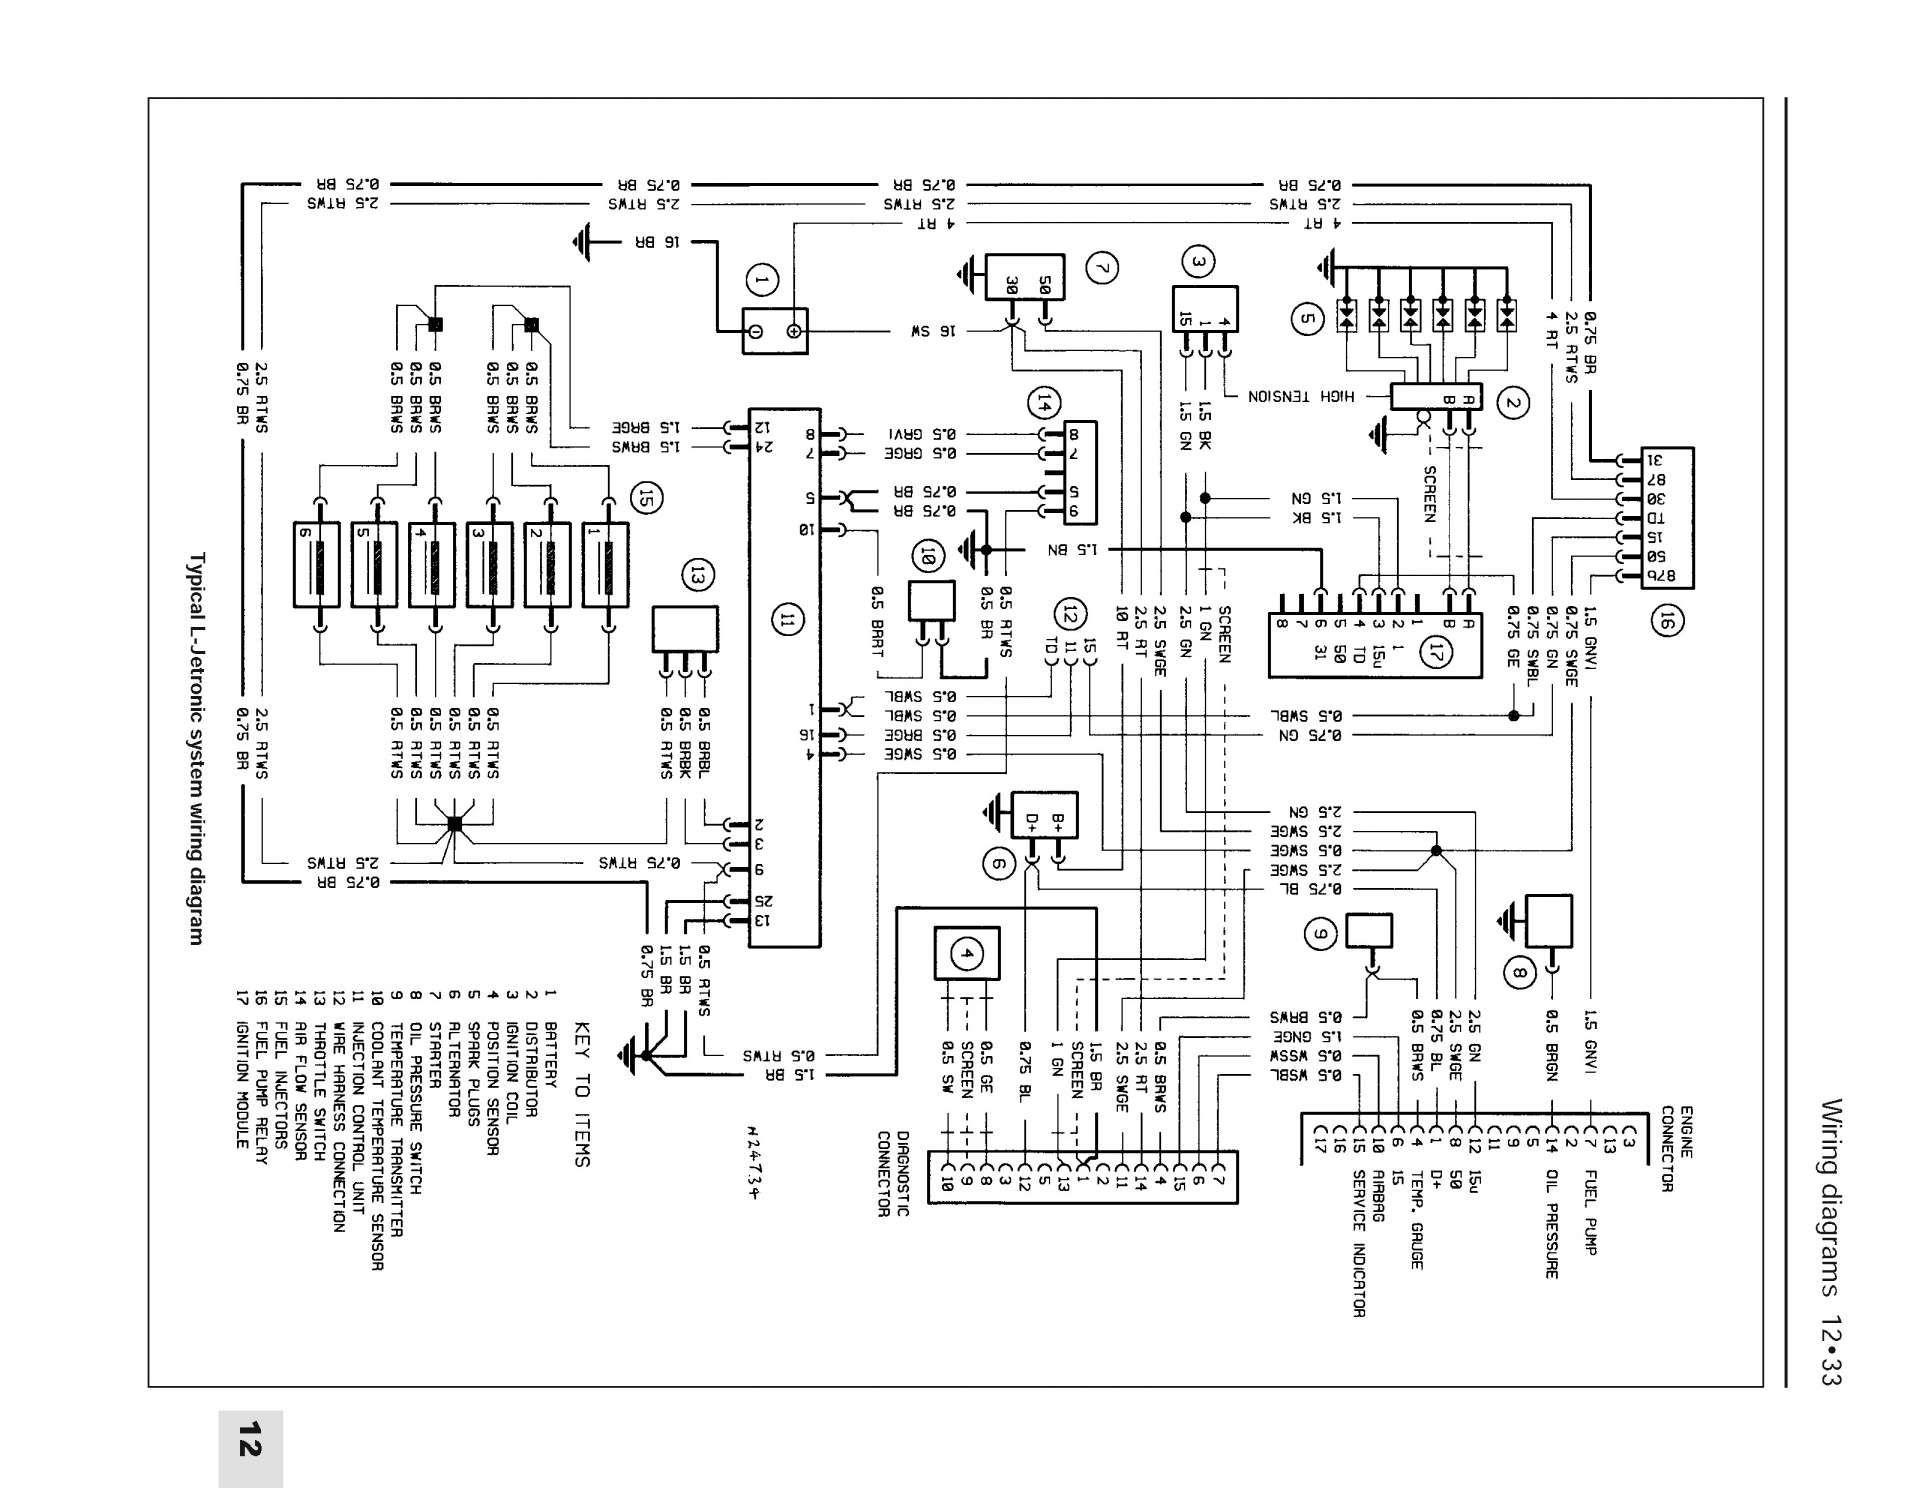 15 E30 325i Engine Wiring Diagram Engine Diagram Wiringg Net Bmw E46 Electrical Wiring Diagram Diagram